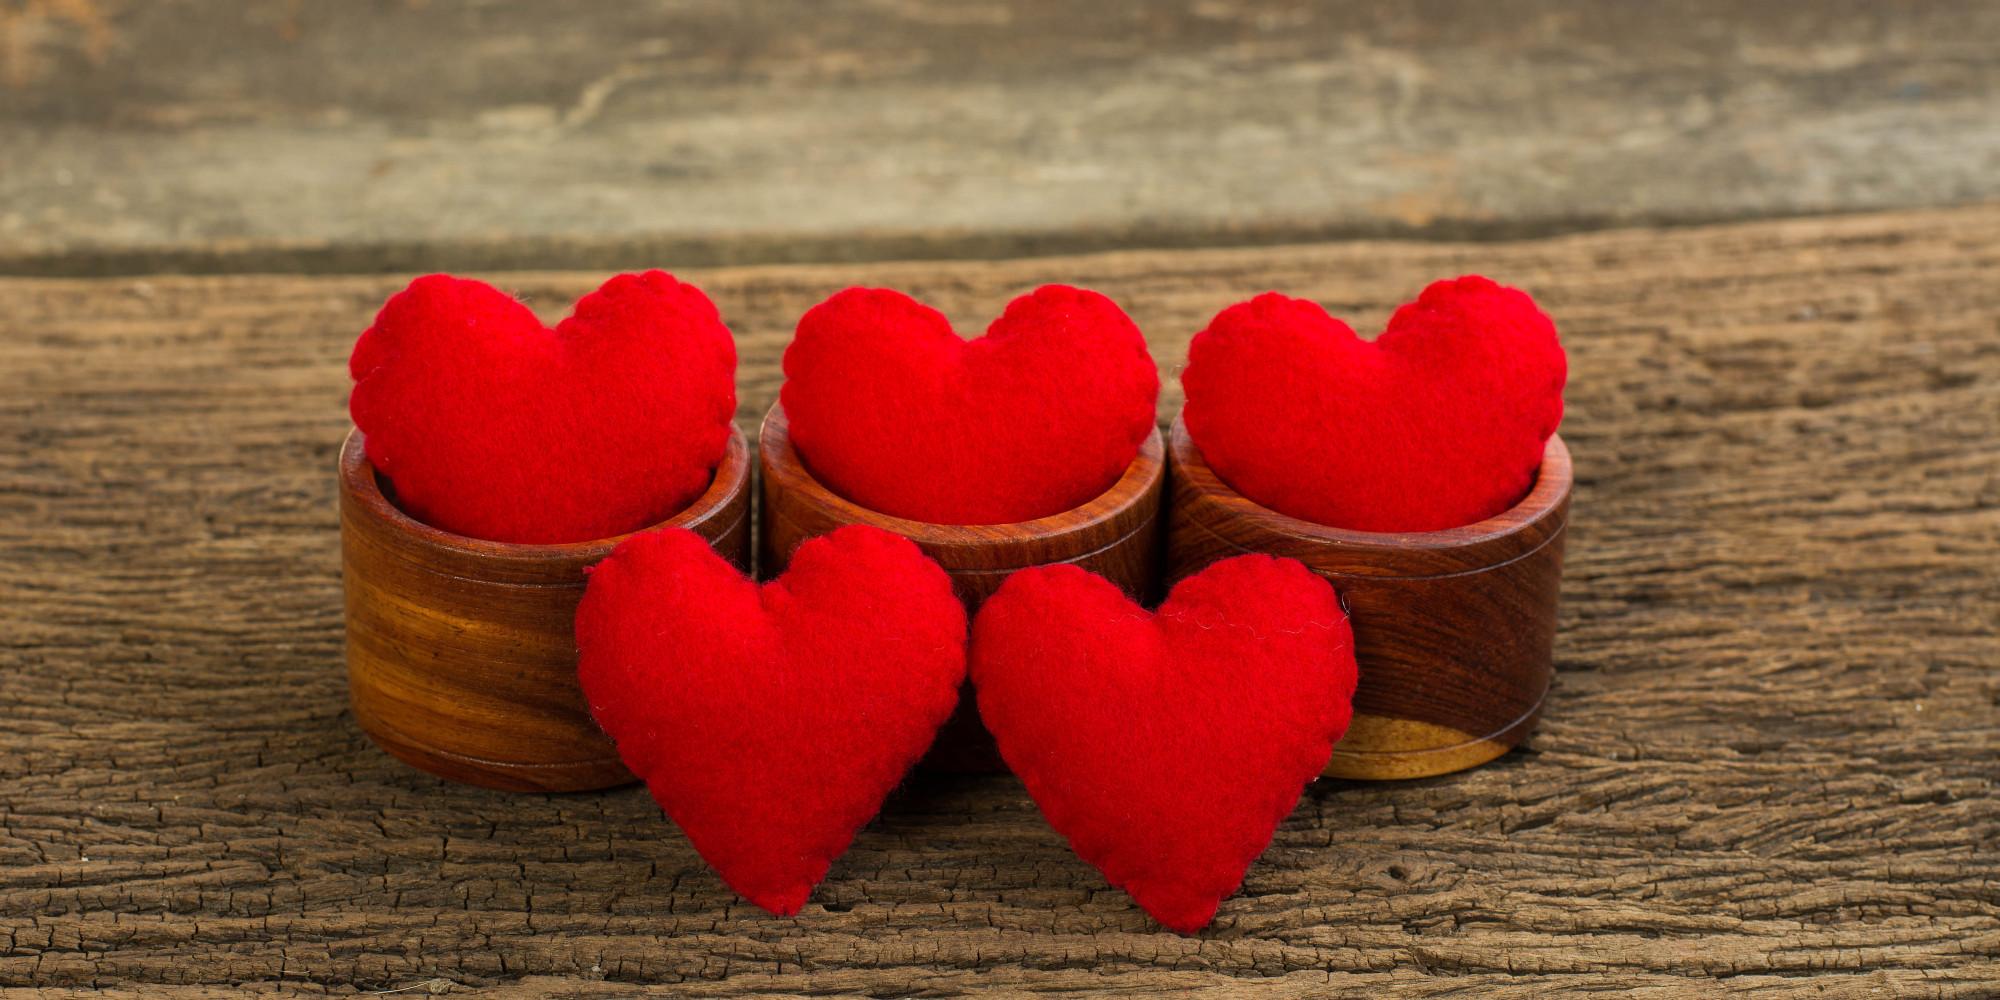 صوره اجدد صور قلوب , قلب ينبض بالحب والحنين